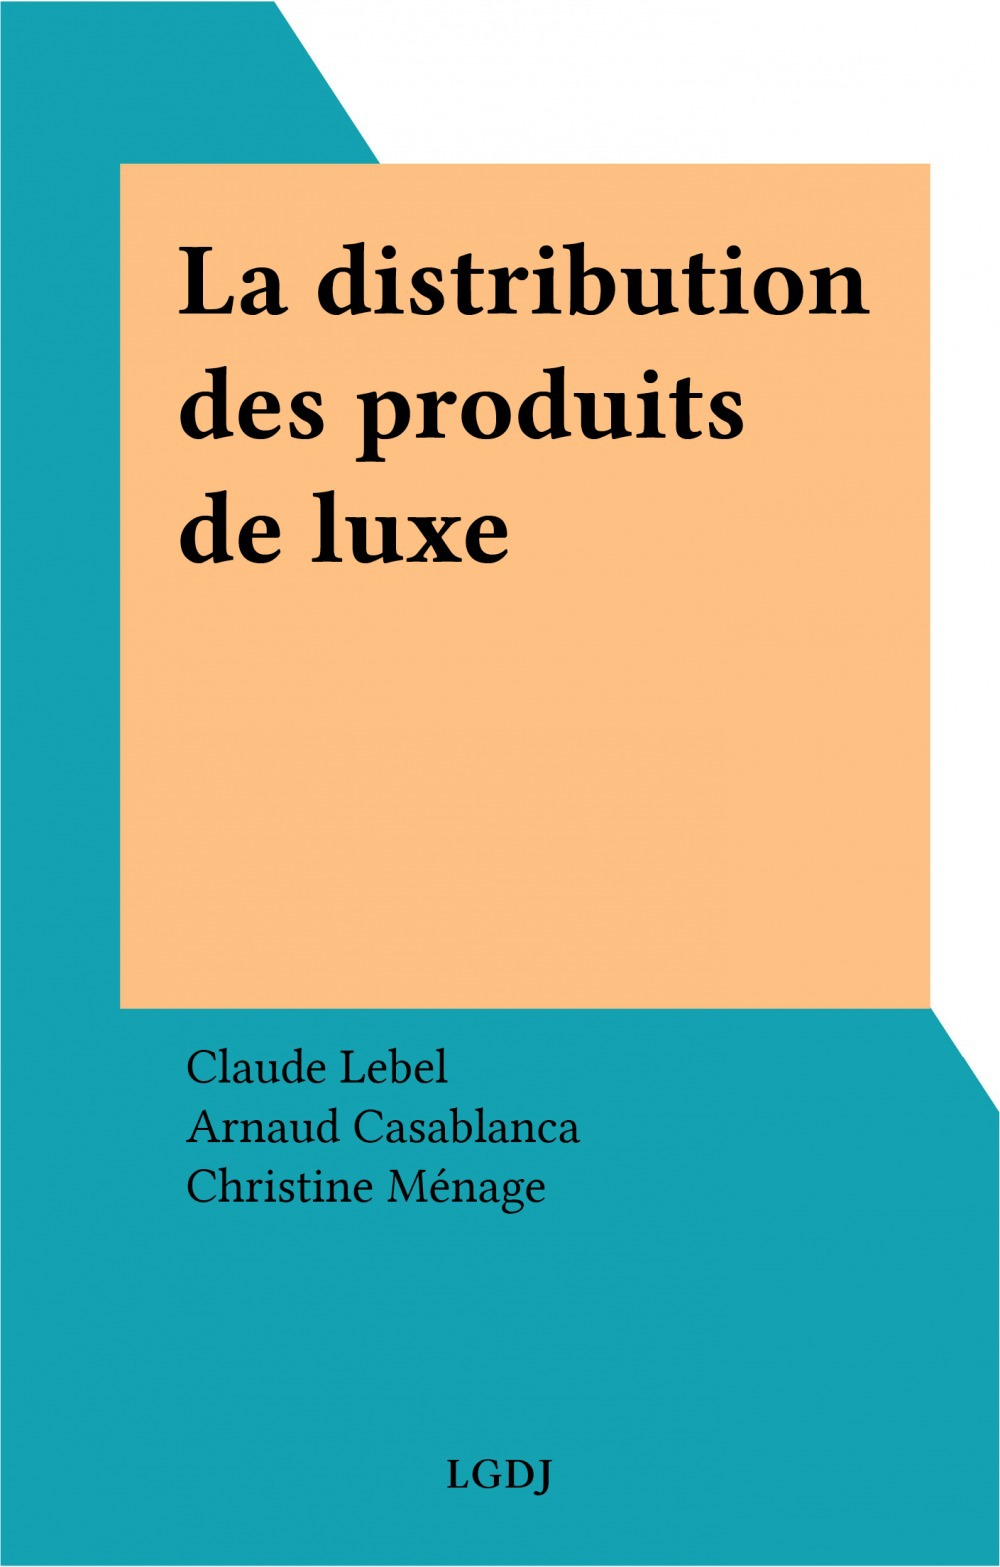 La distribution des produits de luxe